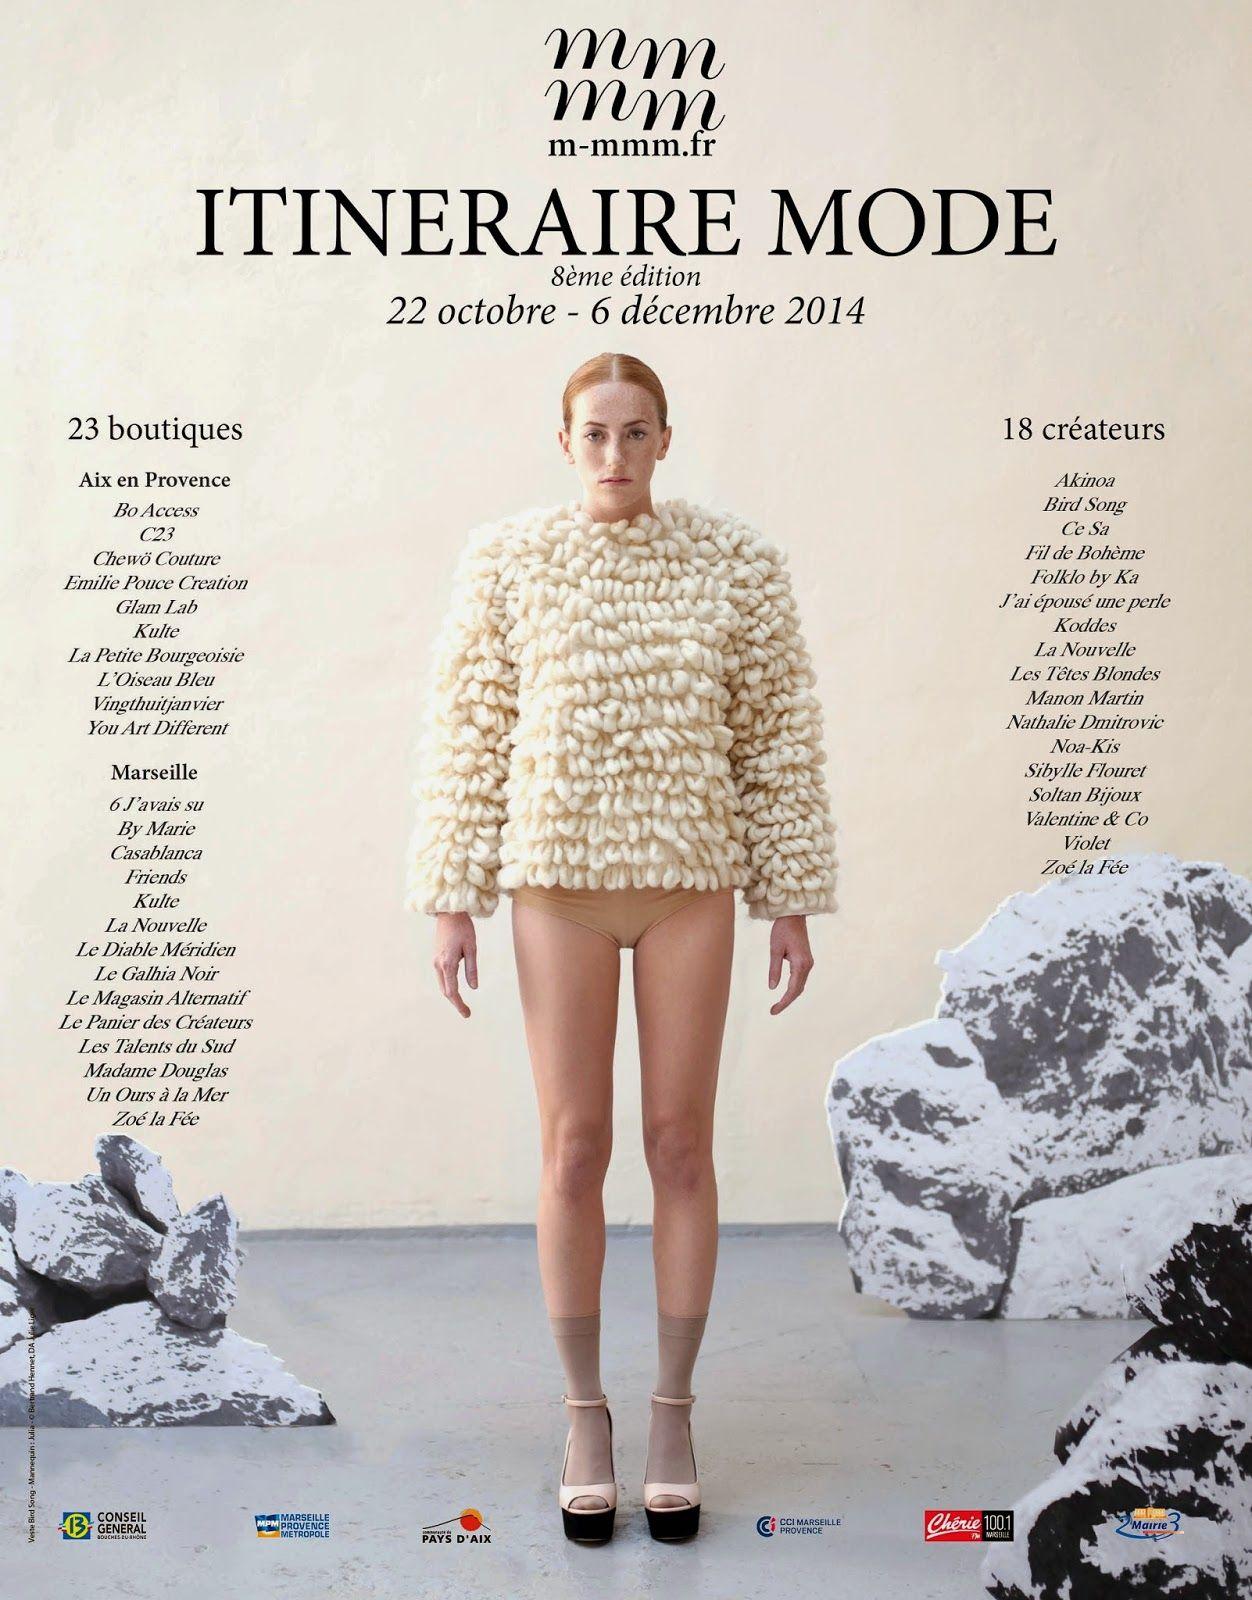 visuel Itinéraire Mode 2014